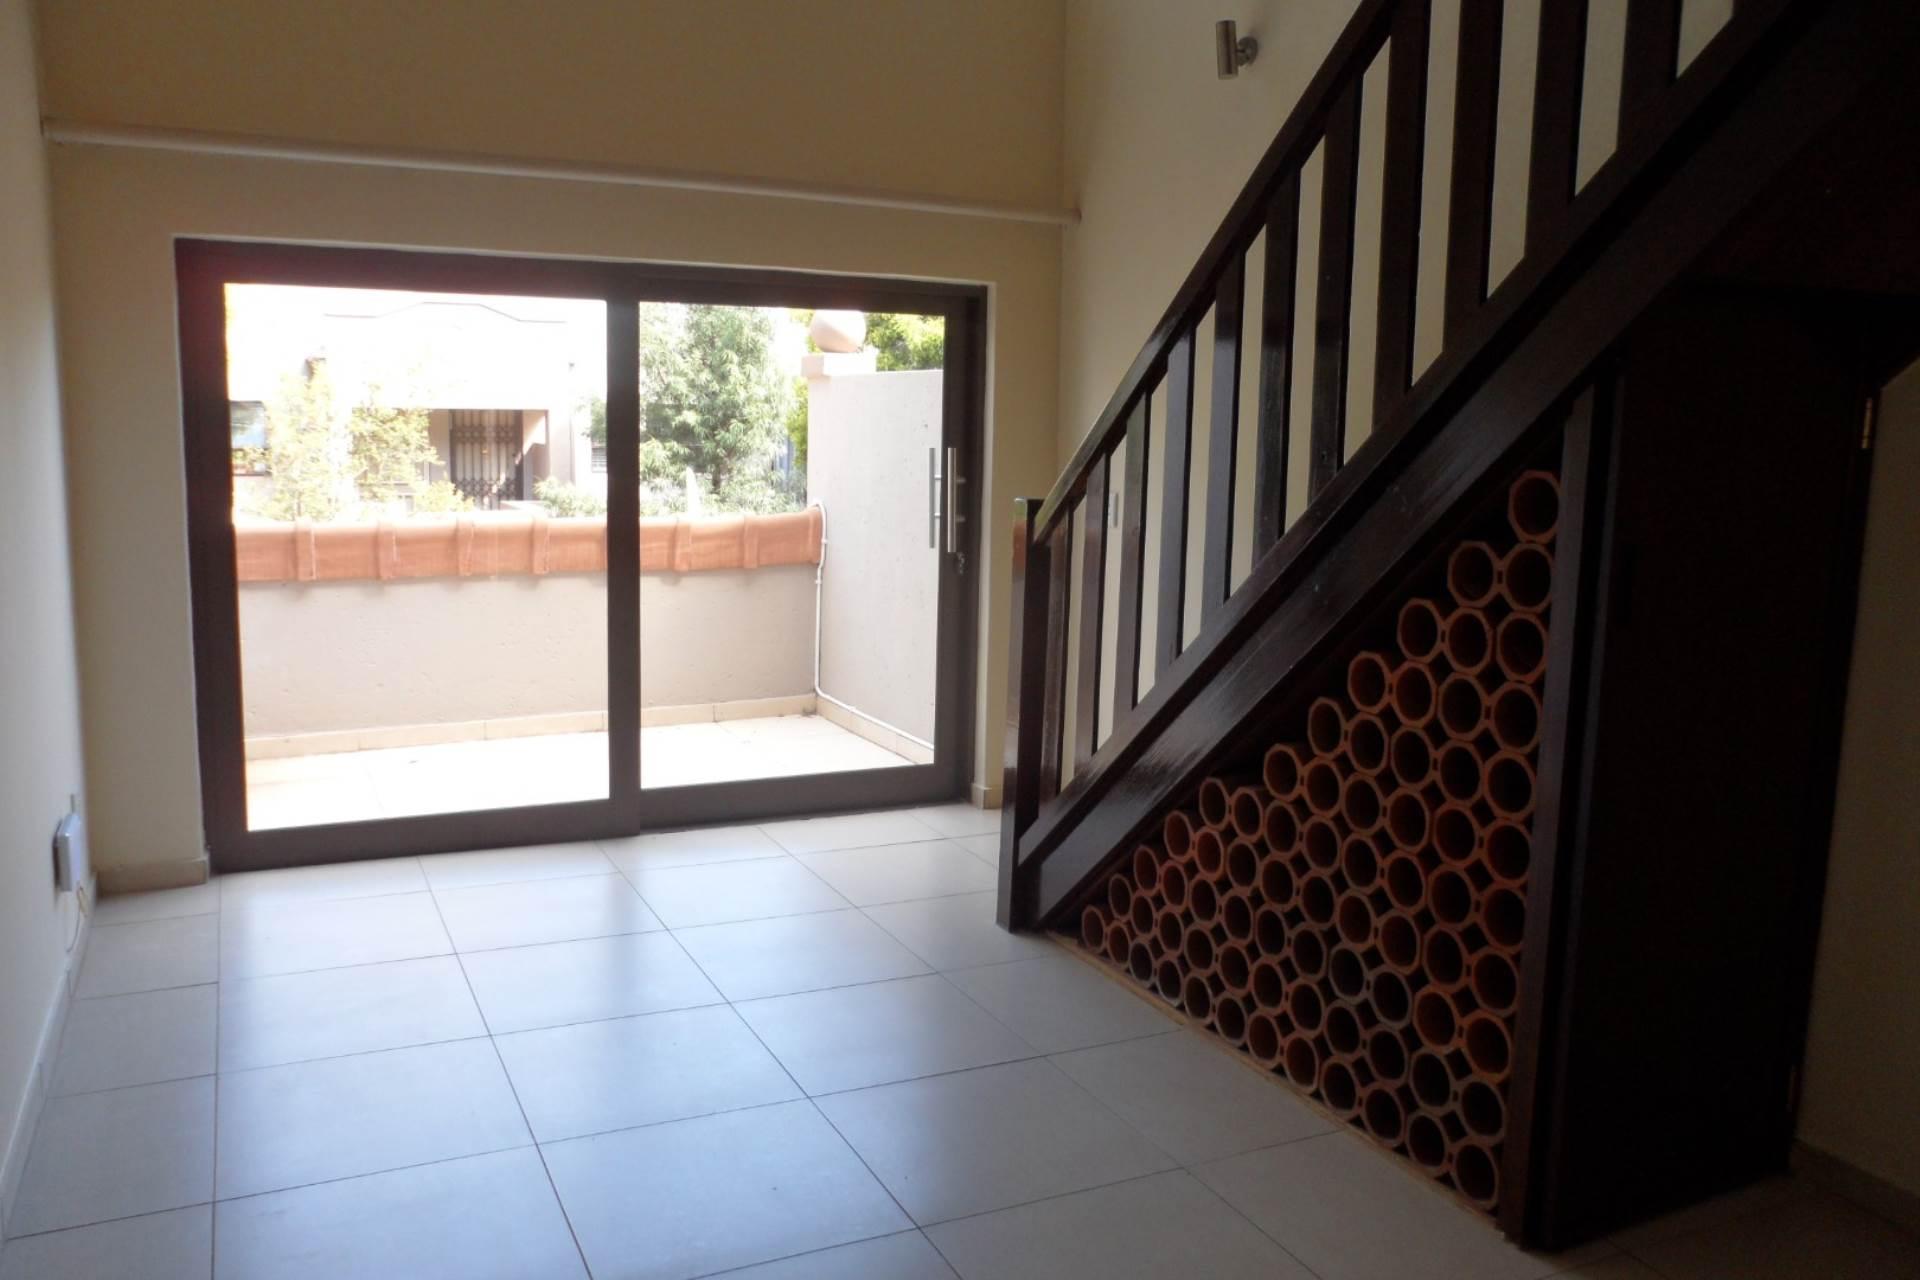 2 BedroomApartment To Rent In Waverley